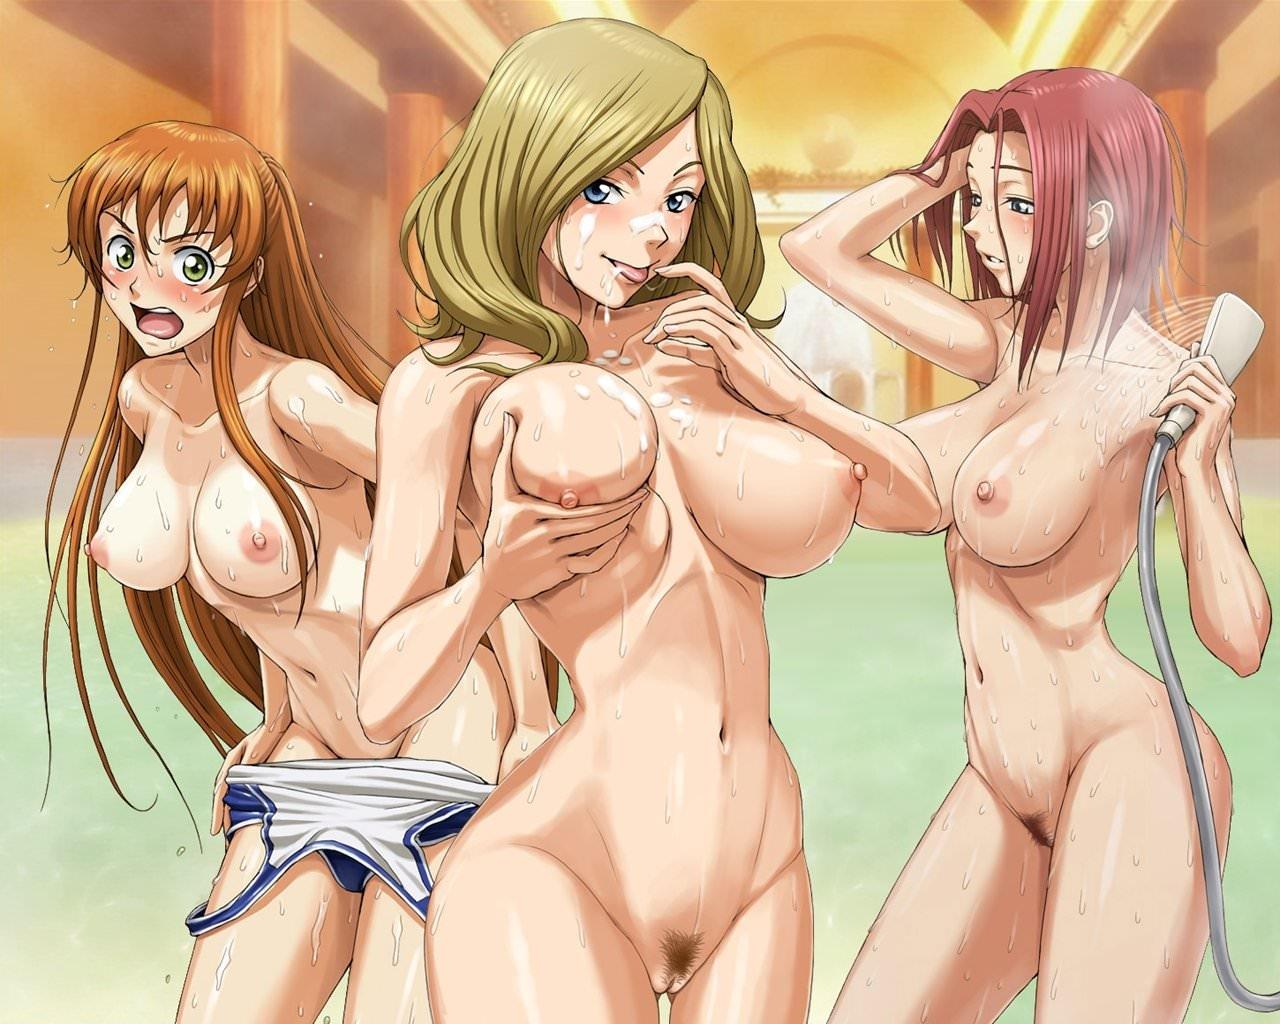 Фото Три сиськастые девушки в душевой, рыжая снимает купальник и орет, блондинка облиызвает сосок, сжимает сиську, скачать картинку бесплатно